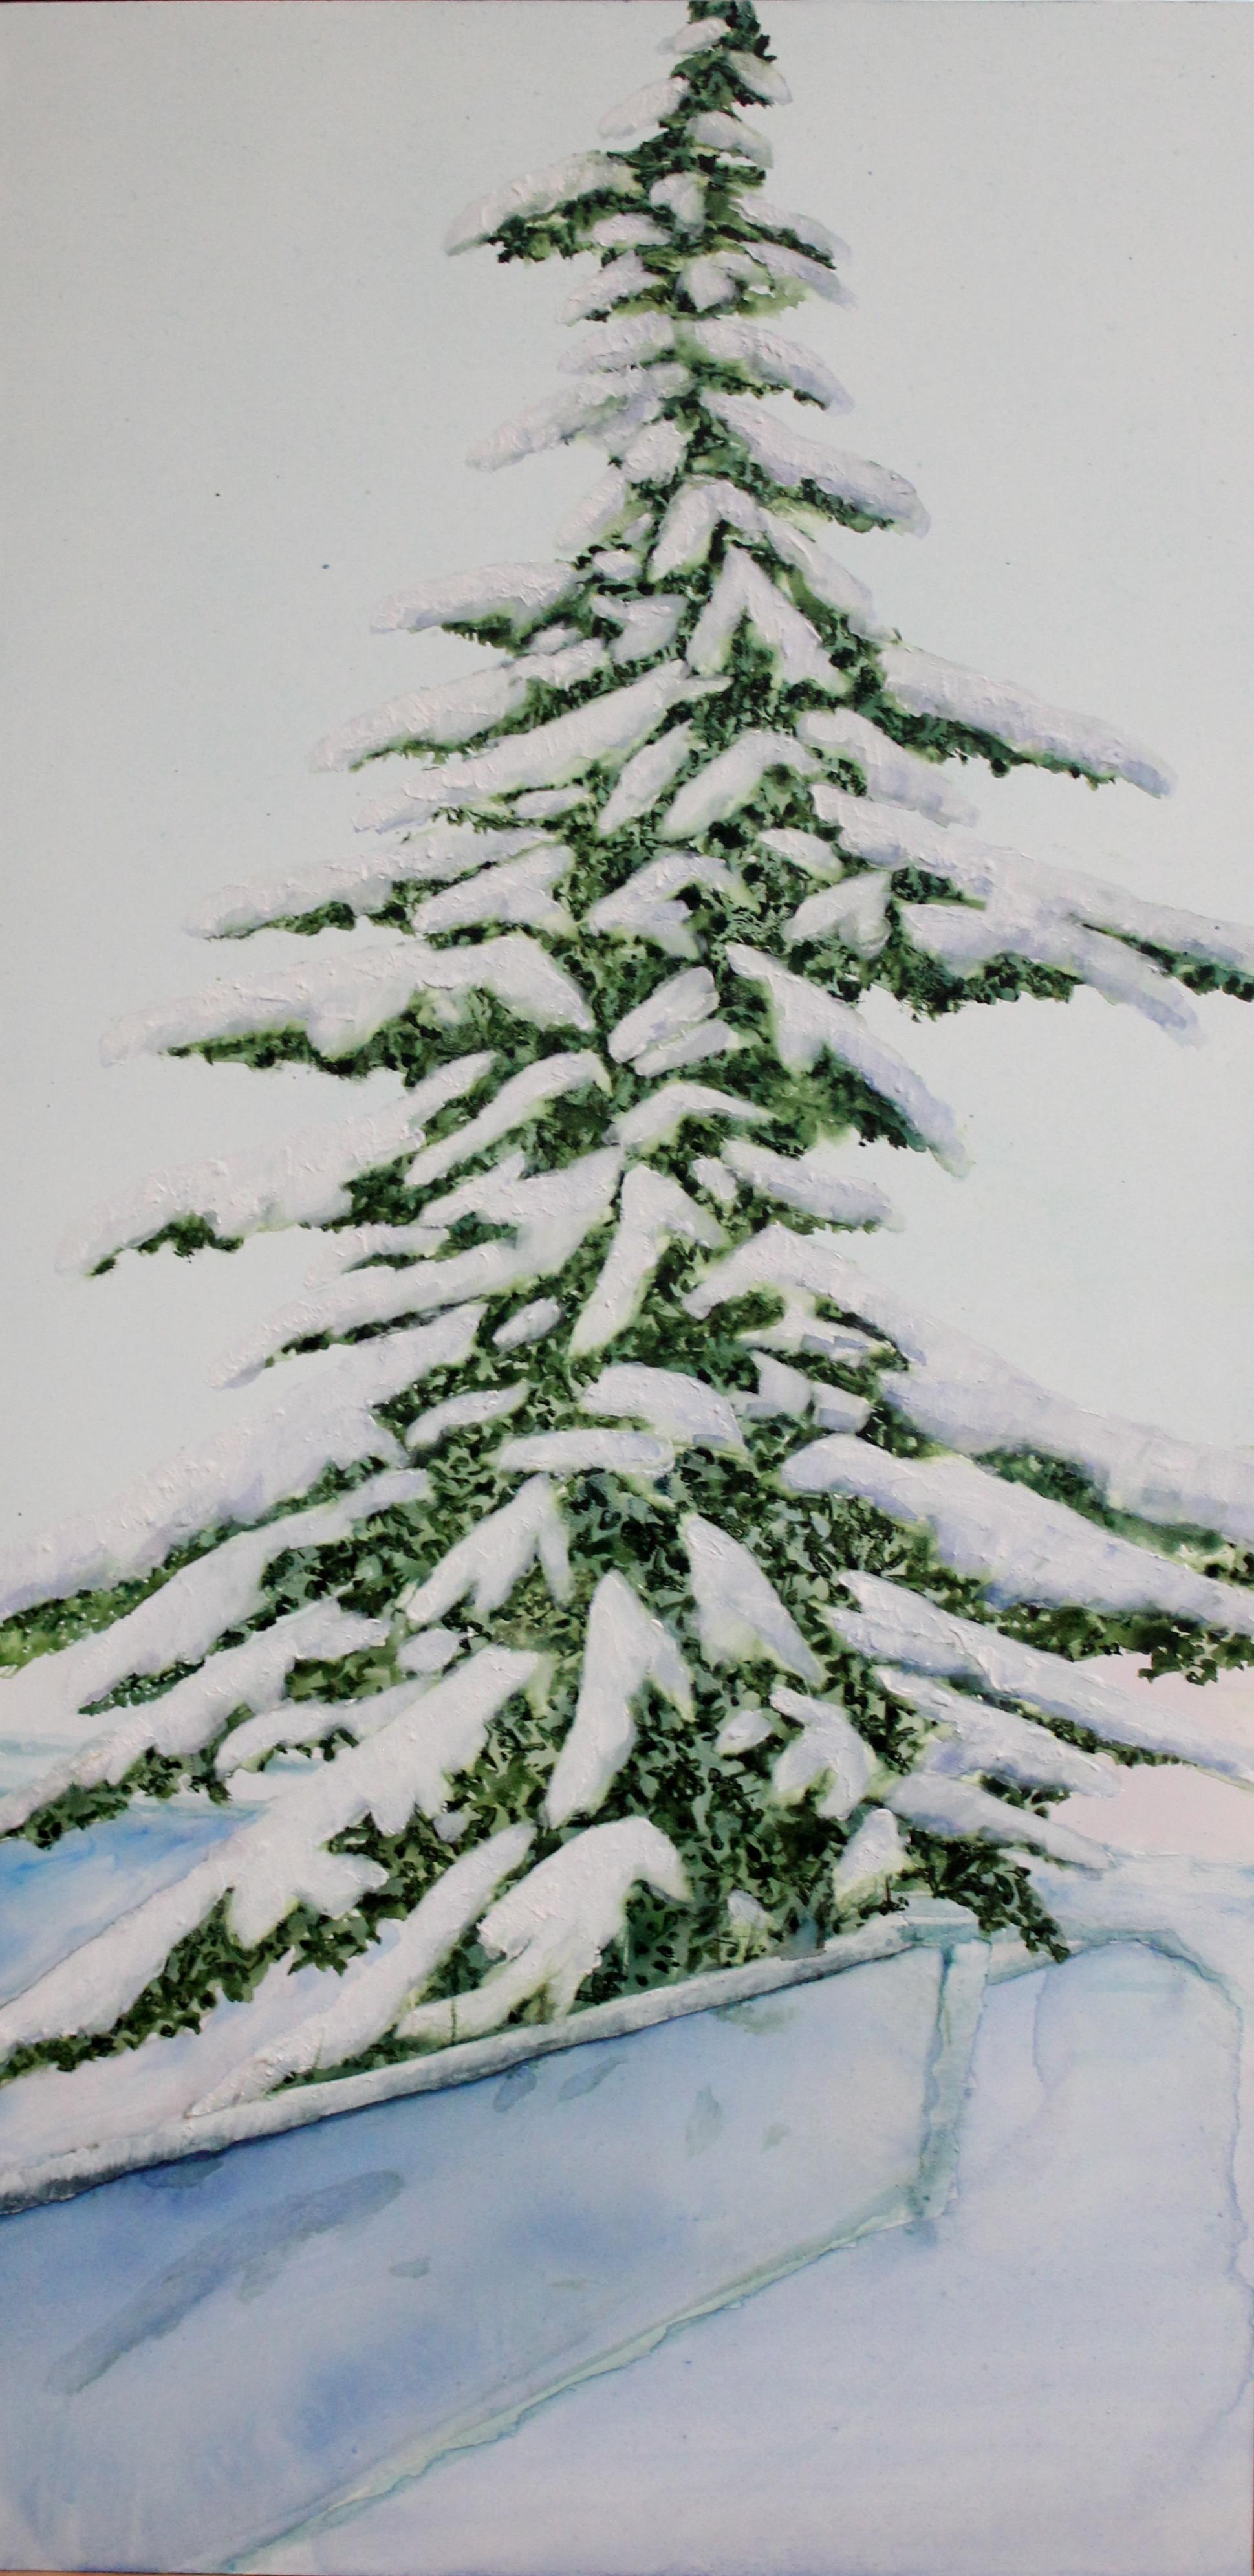 Snowy in Kensington